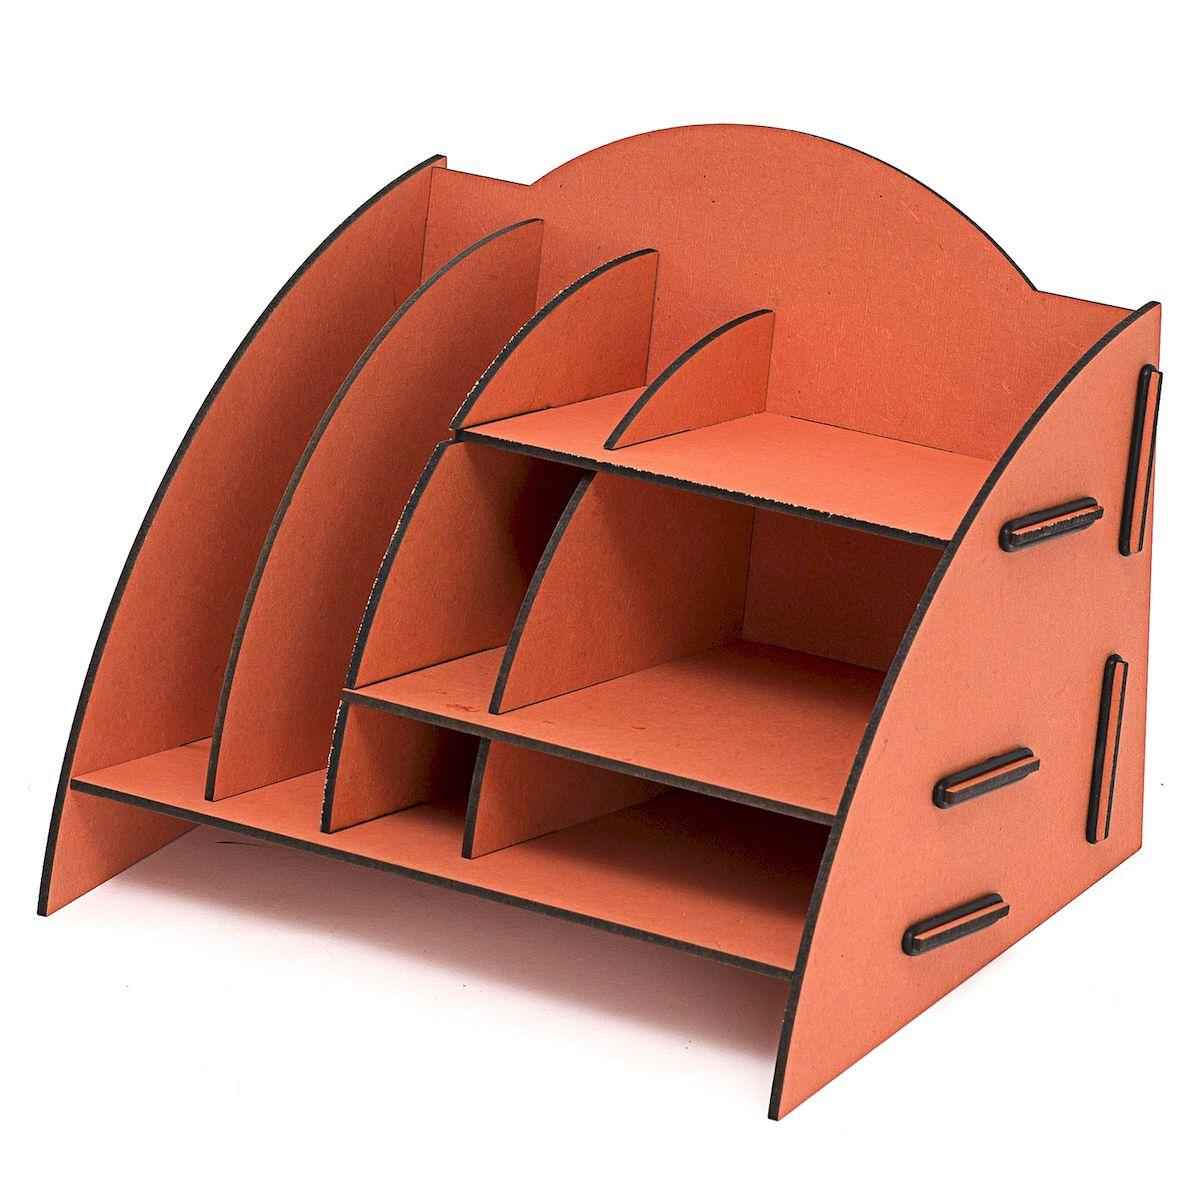 Органайзер настольный Homsu, 8 отделов, 23 x 20 x 19 см74-0060Настольный органайзер Homsu выполнен из МДФ и легко собирается из съемных частей. Изделие имеет 8 отделений для хранения документов, канцелярских предметов и всяких мелочей. Органайзер просто незаменим на рабочем столе, он вместителен и не занимает много места. Оригинальный дизайн дополнит интерьер дома и разбавит цвет в скучном сером офисе. Размер: 23 х 20 х 19 см.